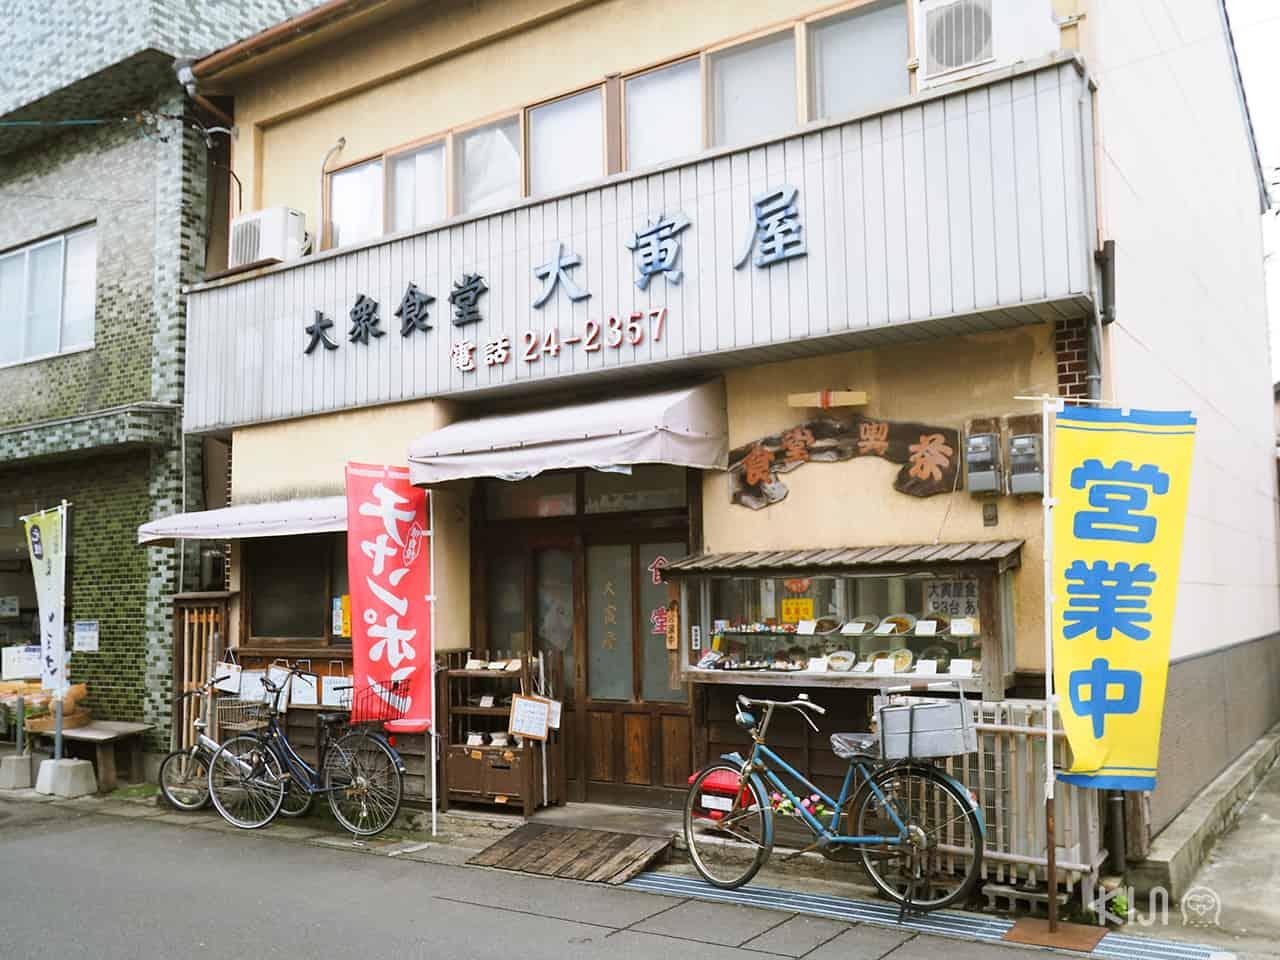 ตามรอยหนัง 'ปาฏิหาริย์ร้านชำของคุณนามิยะ' ที่บุงโกะทาคาดะ (Bungotakada) โออิตะ